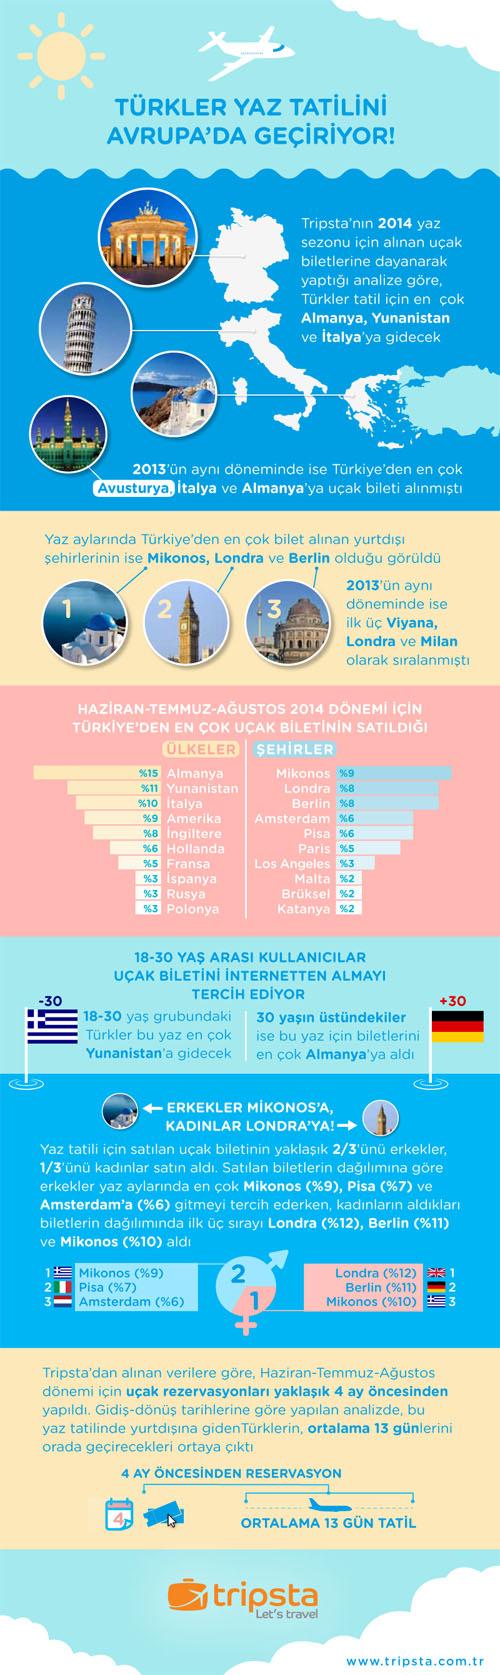 tripsta_yaz2014_infografik